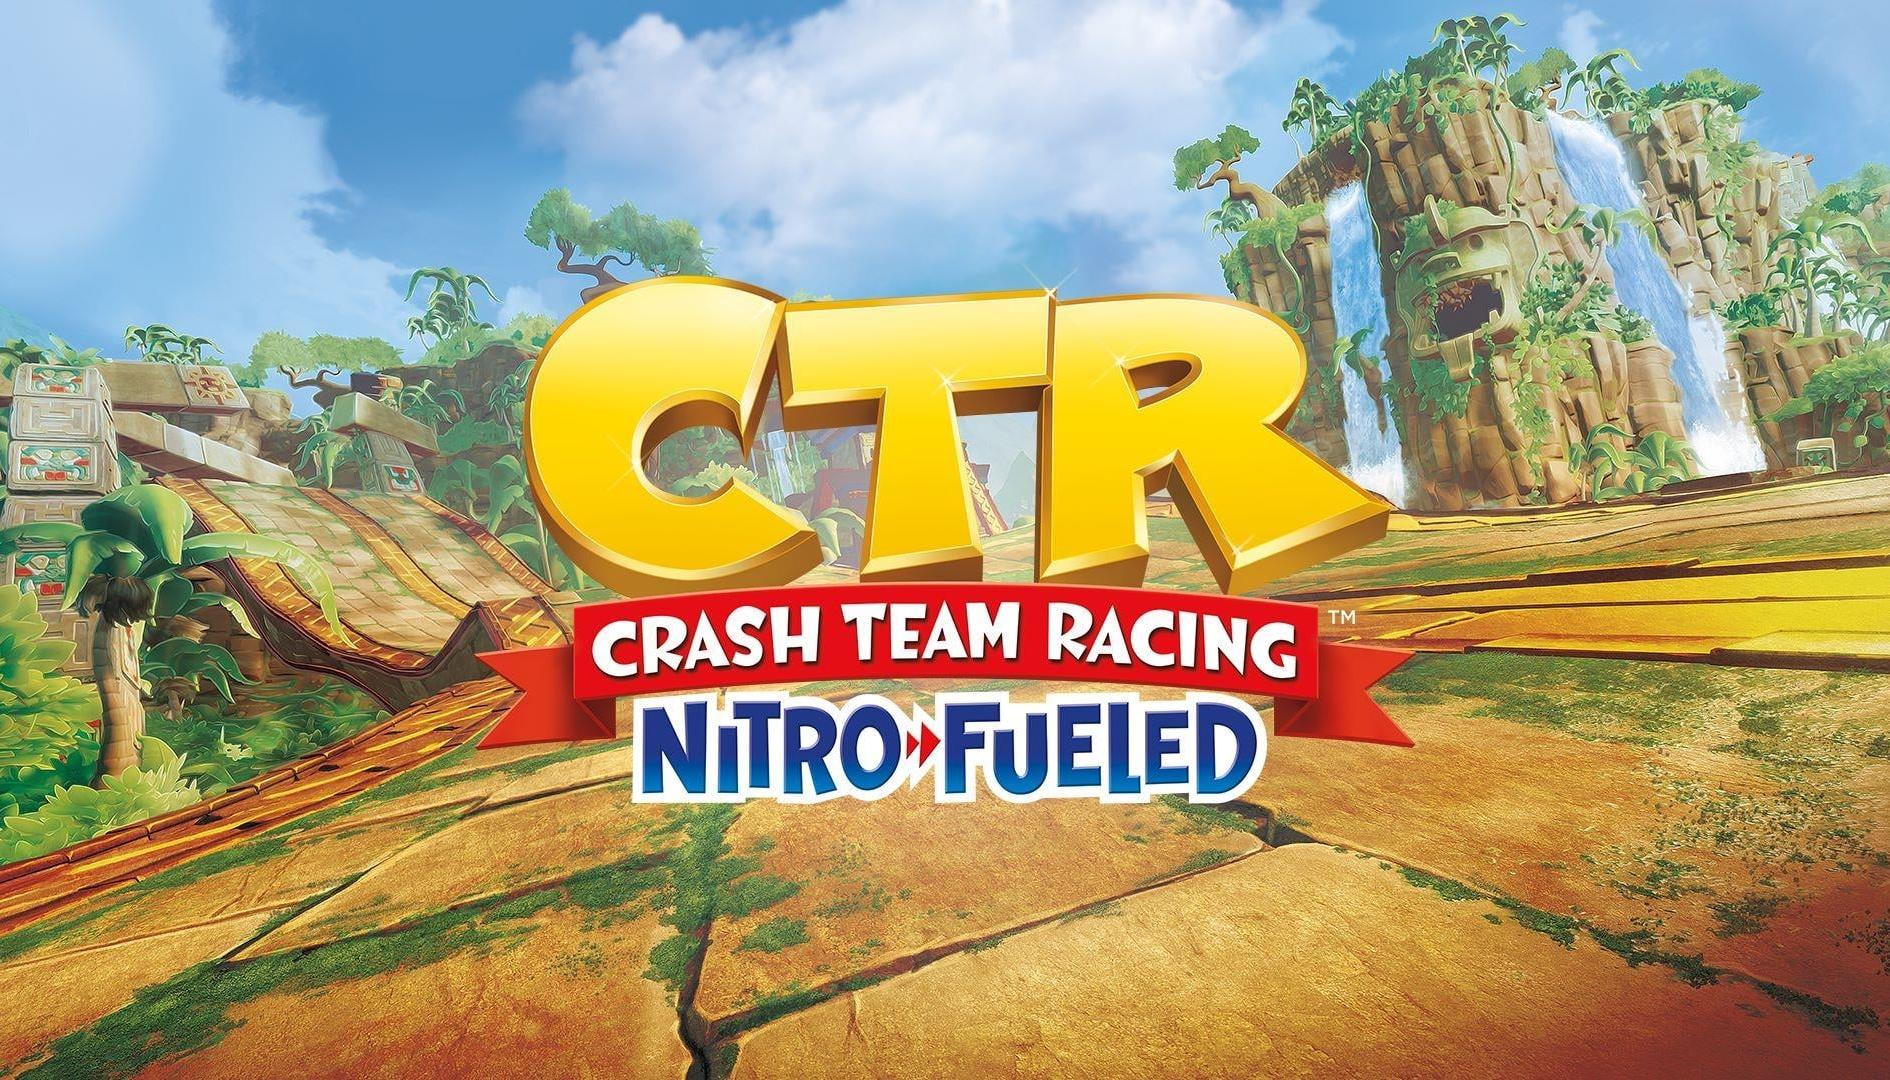 Crash Team Racing Nitro-Fueled: trailer per la personalizzazione e l'elenco dei personaggi